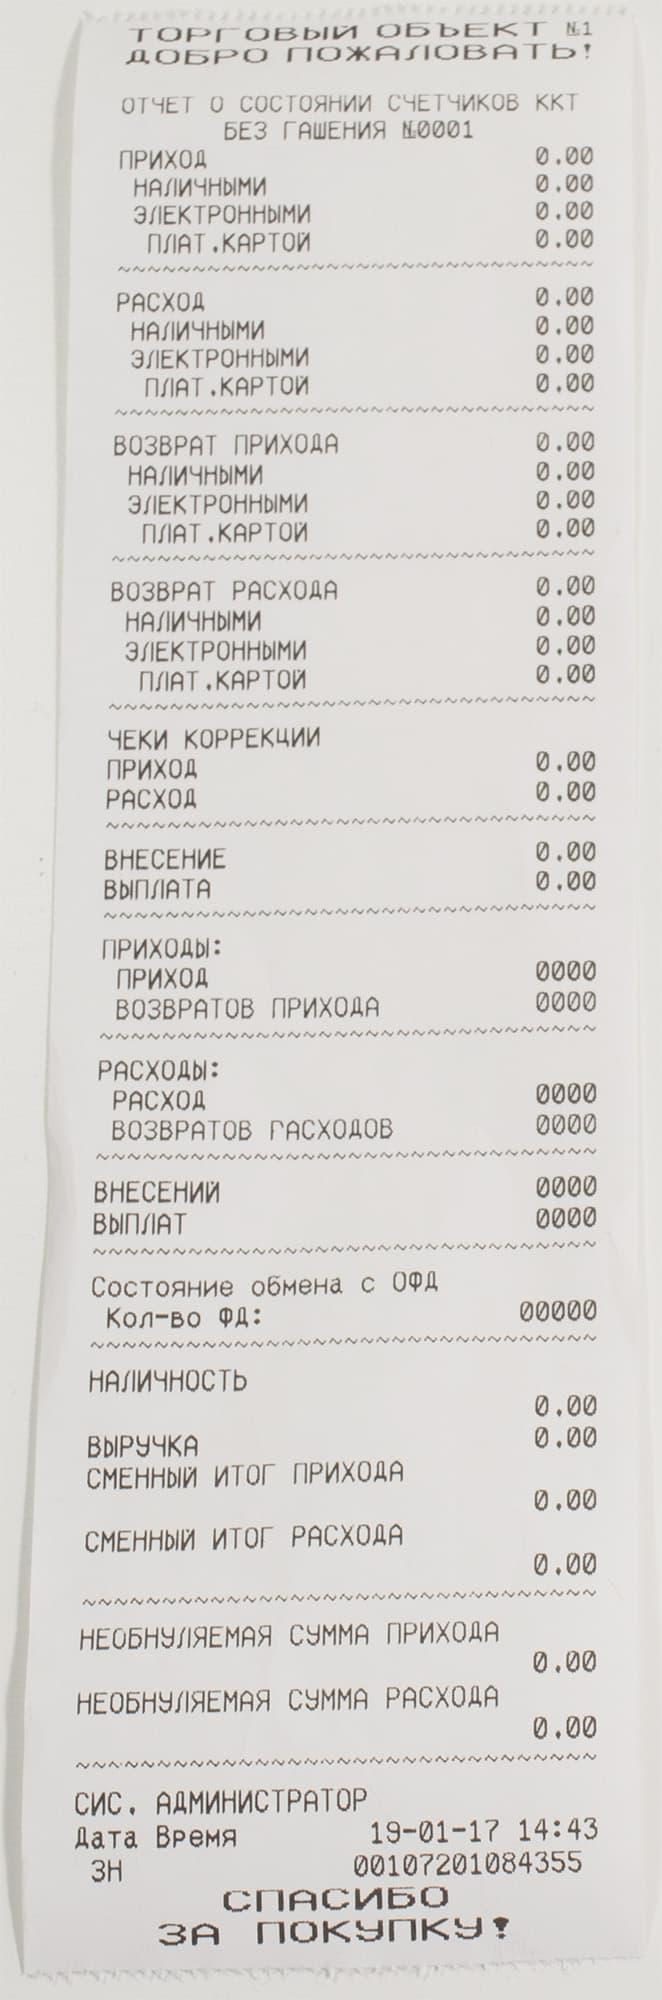 Памятка для кассиров-операционистов КСА Миника 1102Ф Дина 55